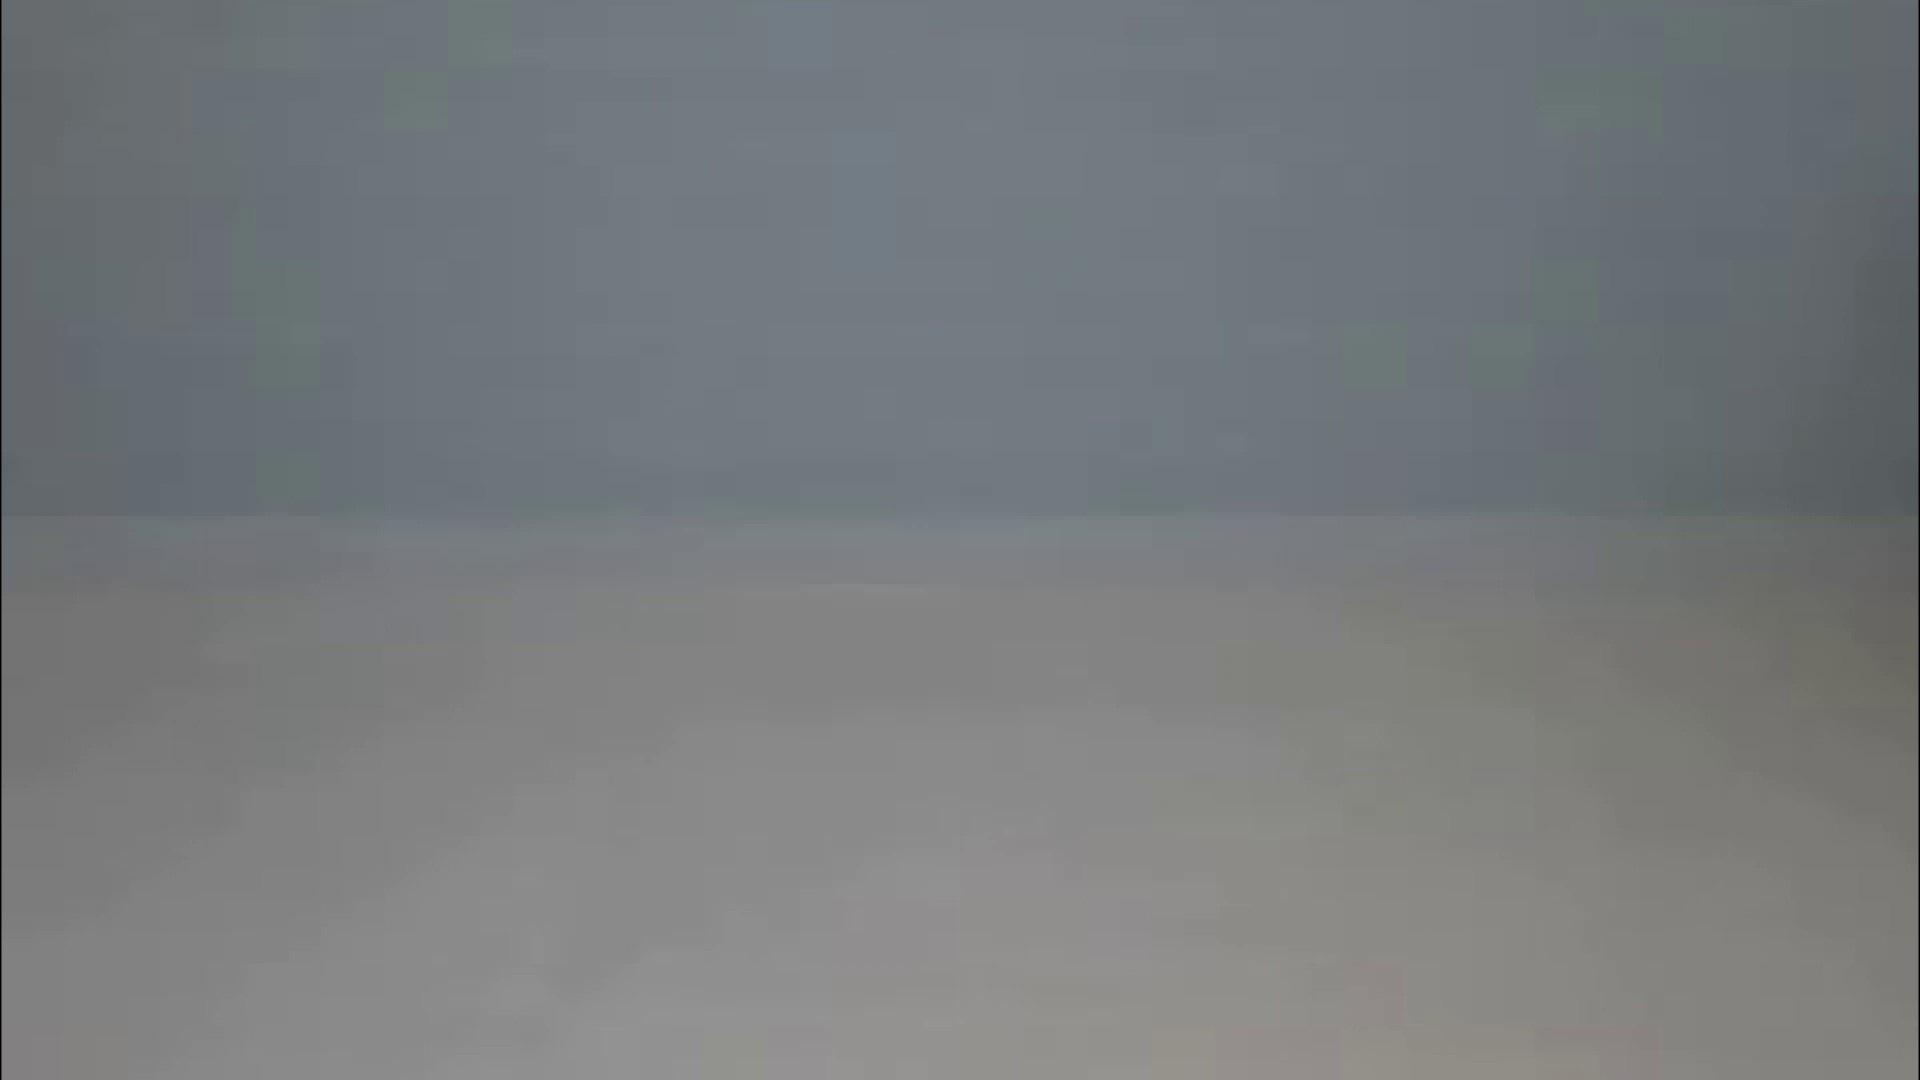 ゲイザーメン動画|~厳選!素人イケメン~俺のオナニズムⅢVol.06|流出